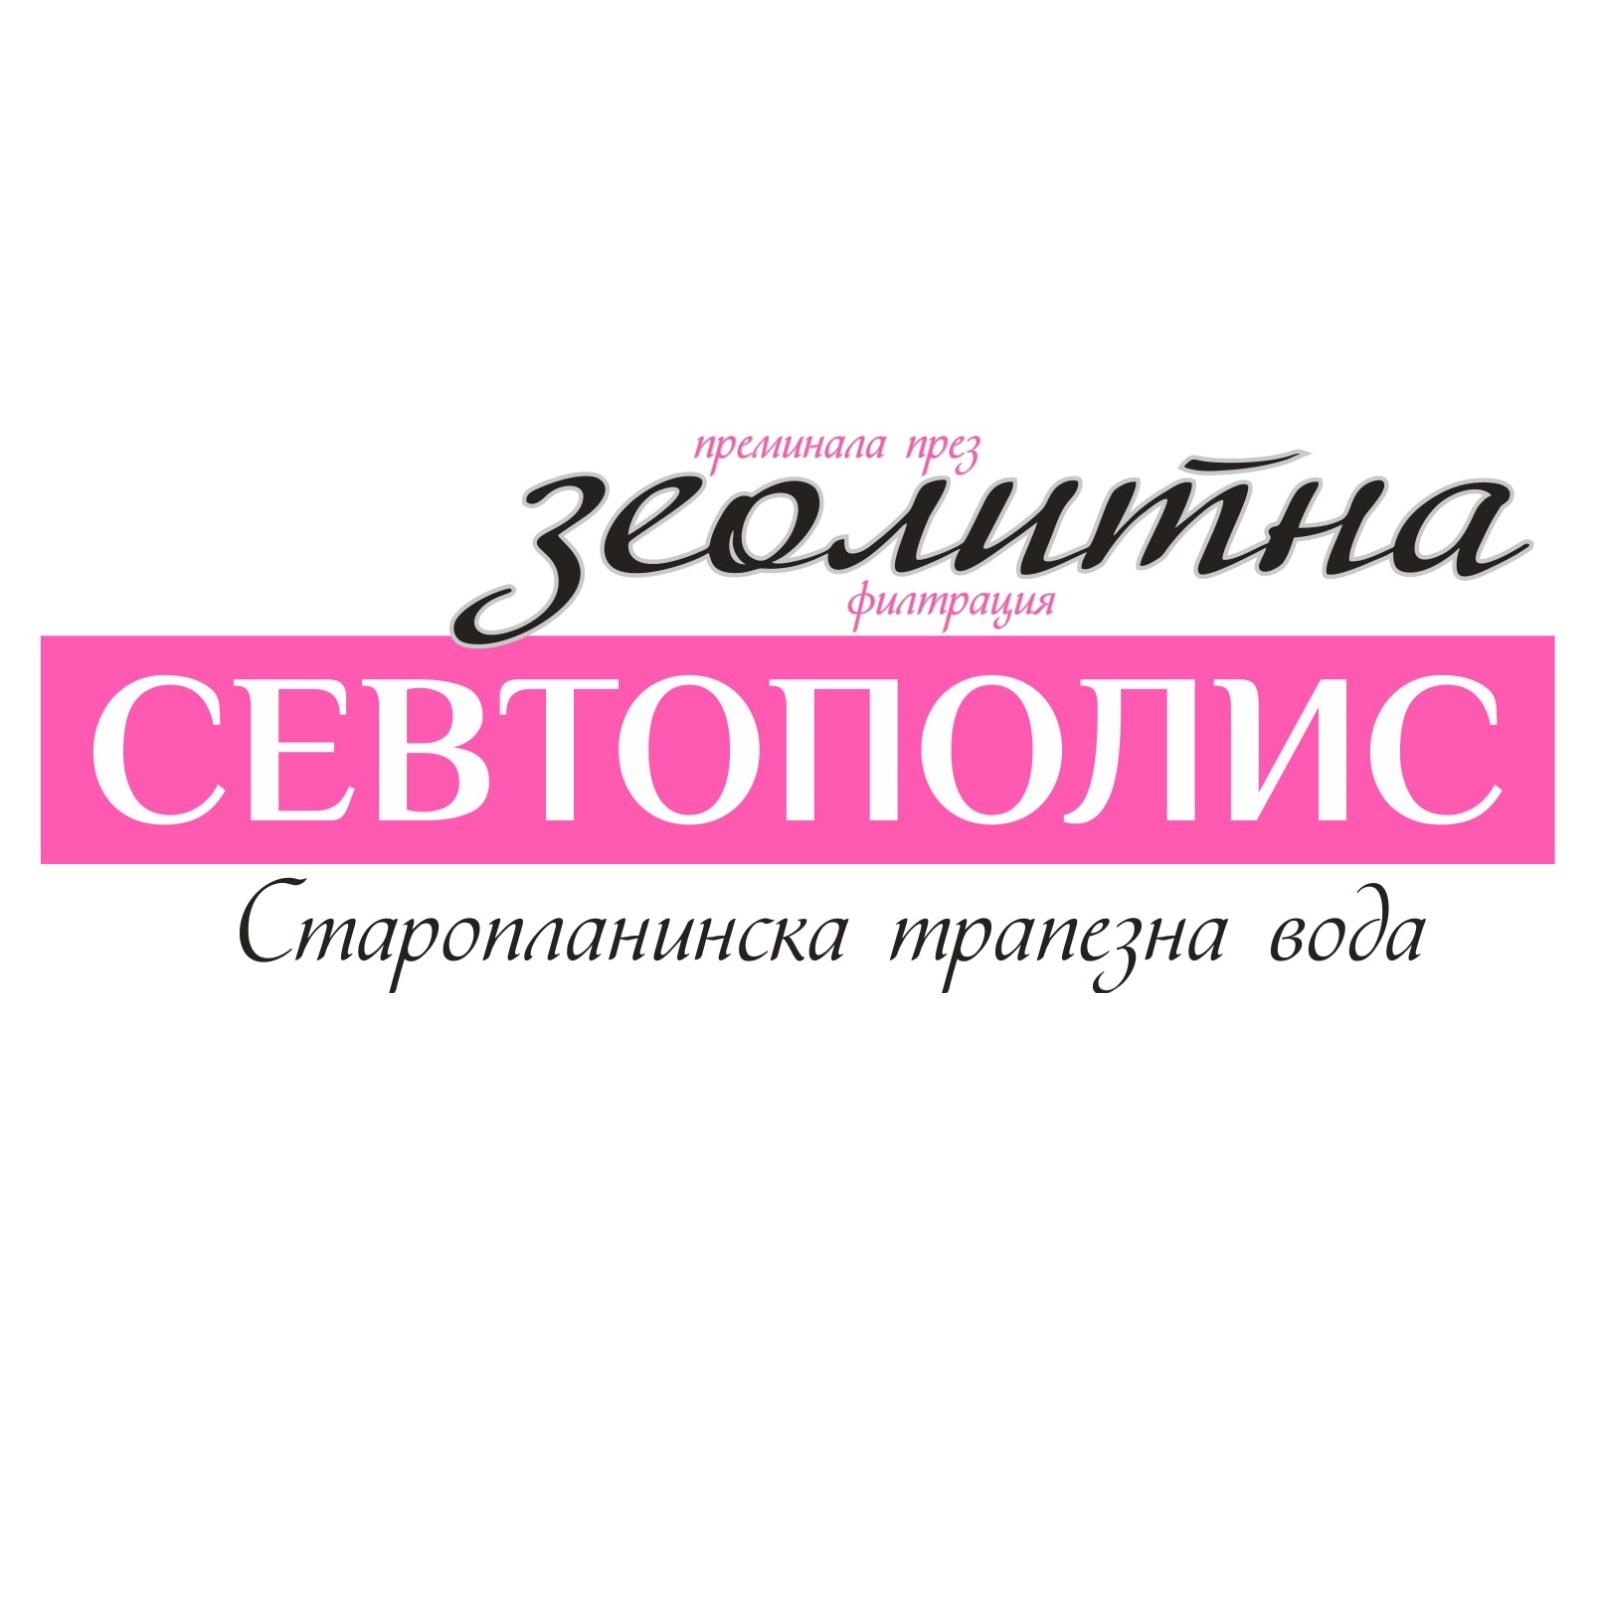 Зеолитна трапезна вода Севтополис